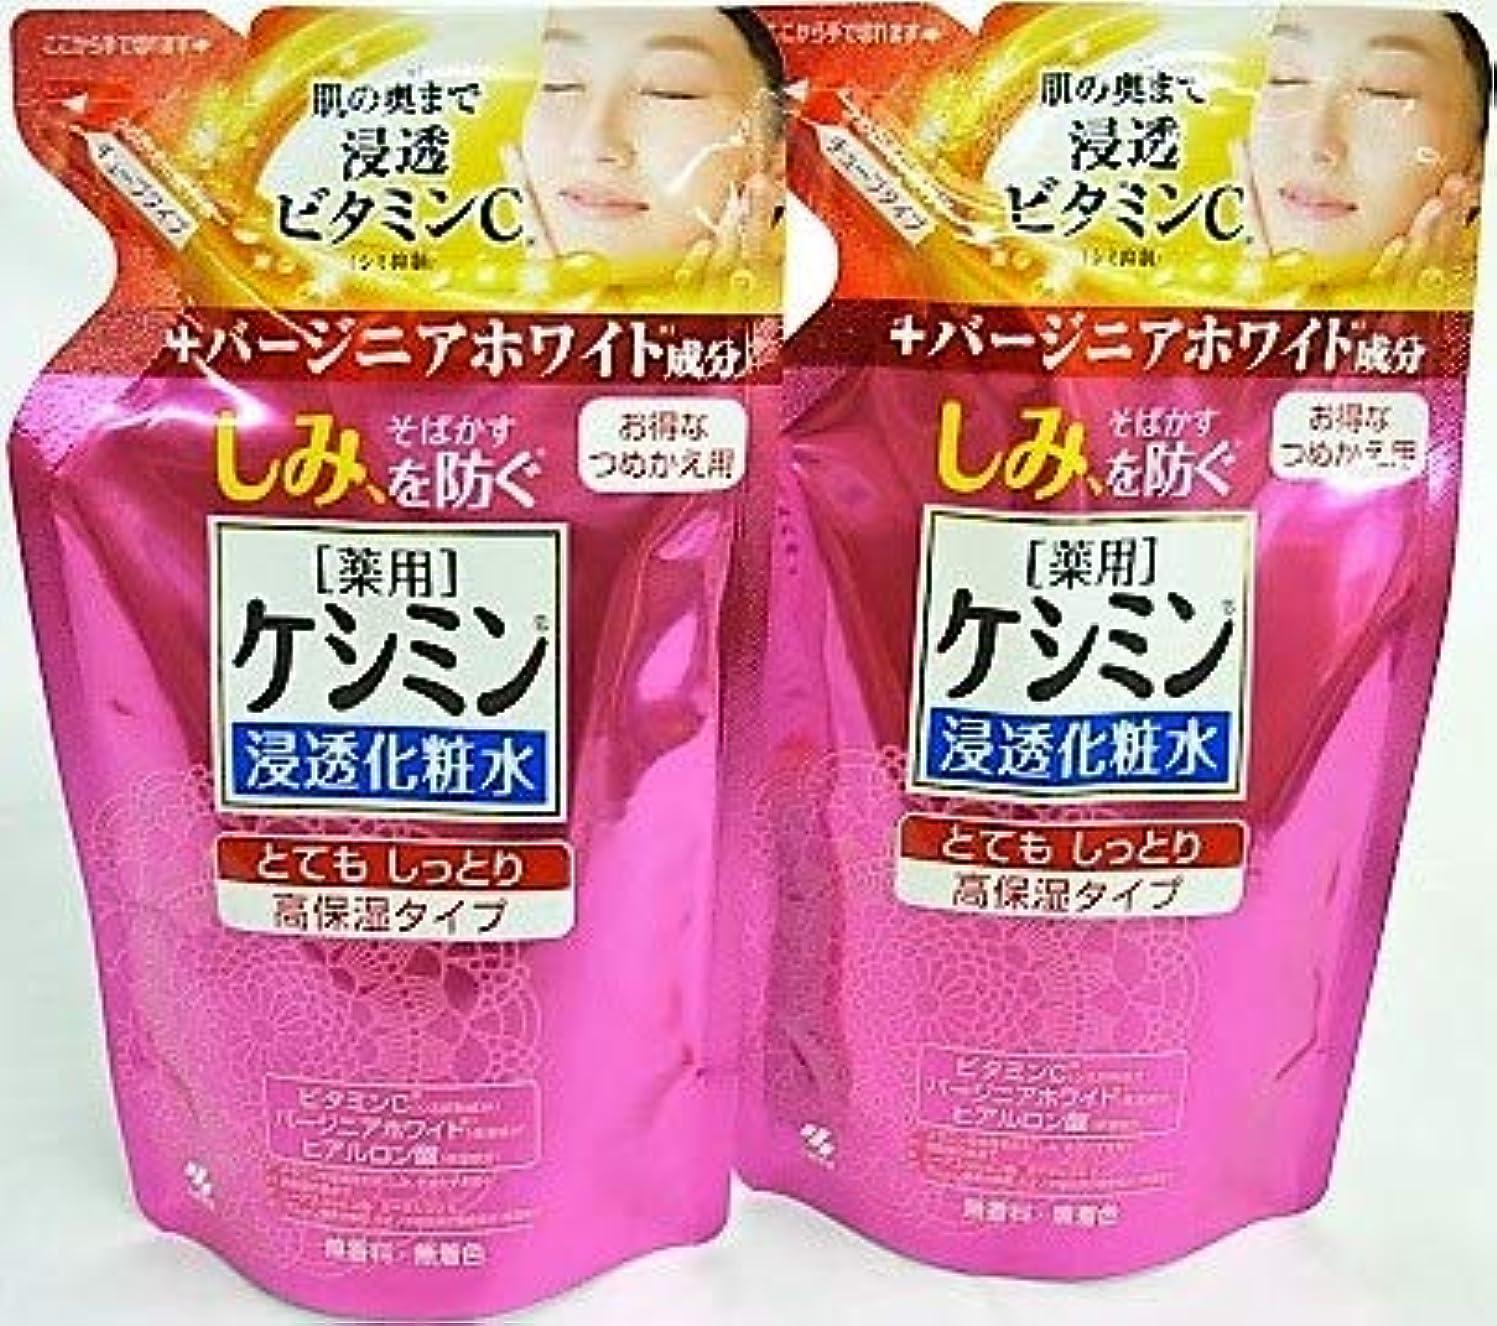 辞書永遠に後方[2個セット]ケシミン浸透化粧水 とてもしっとり 詰め替え用 シミを防ぐ 140ml入り×2個